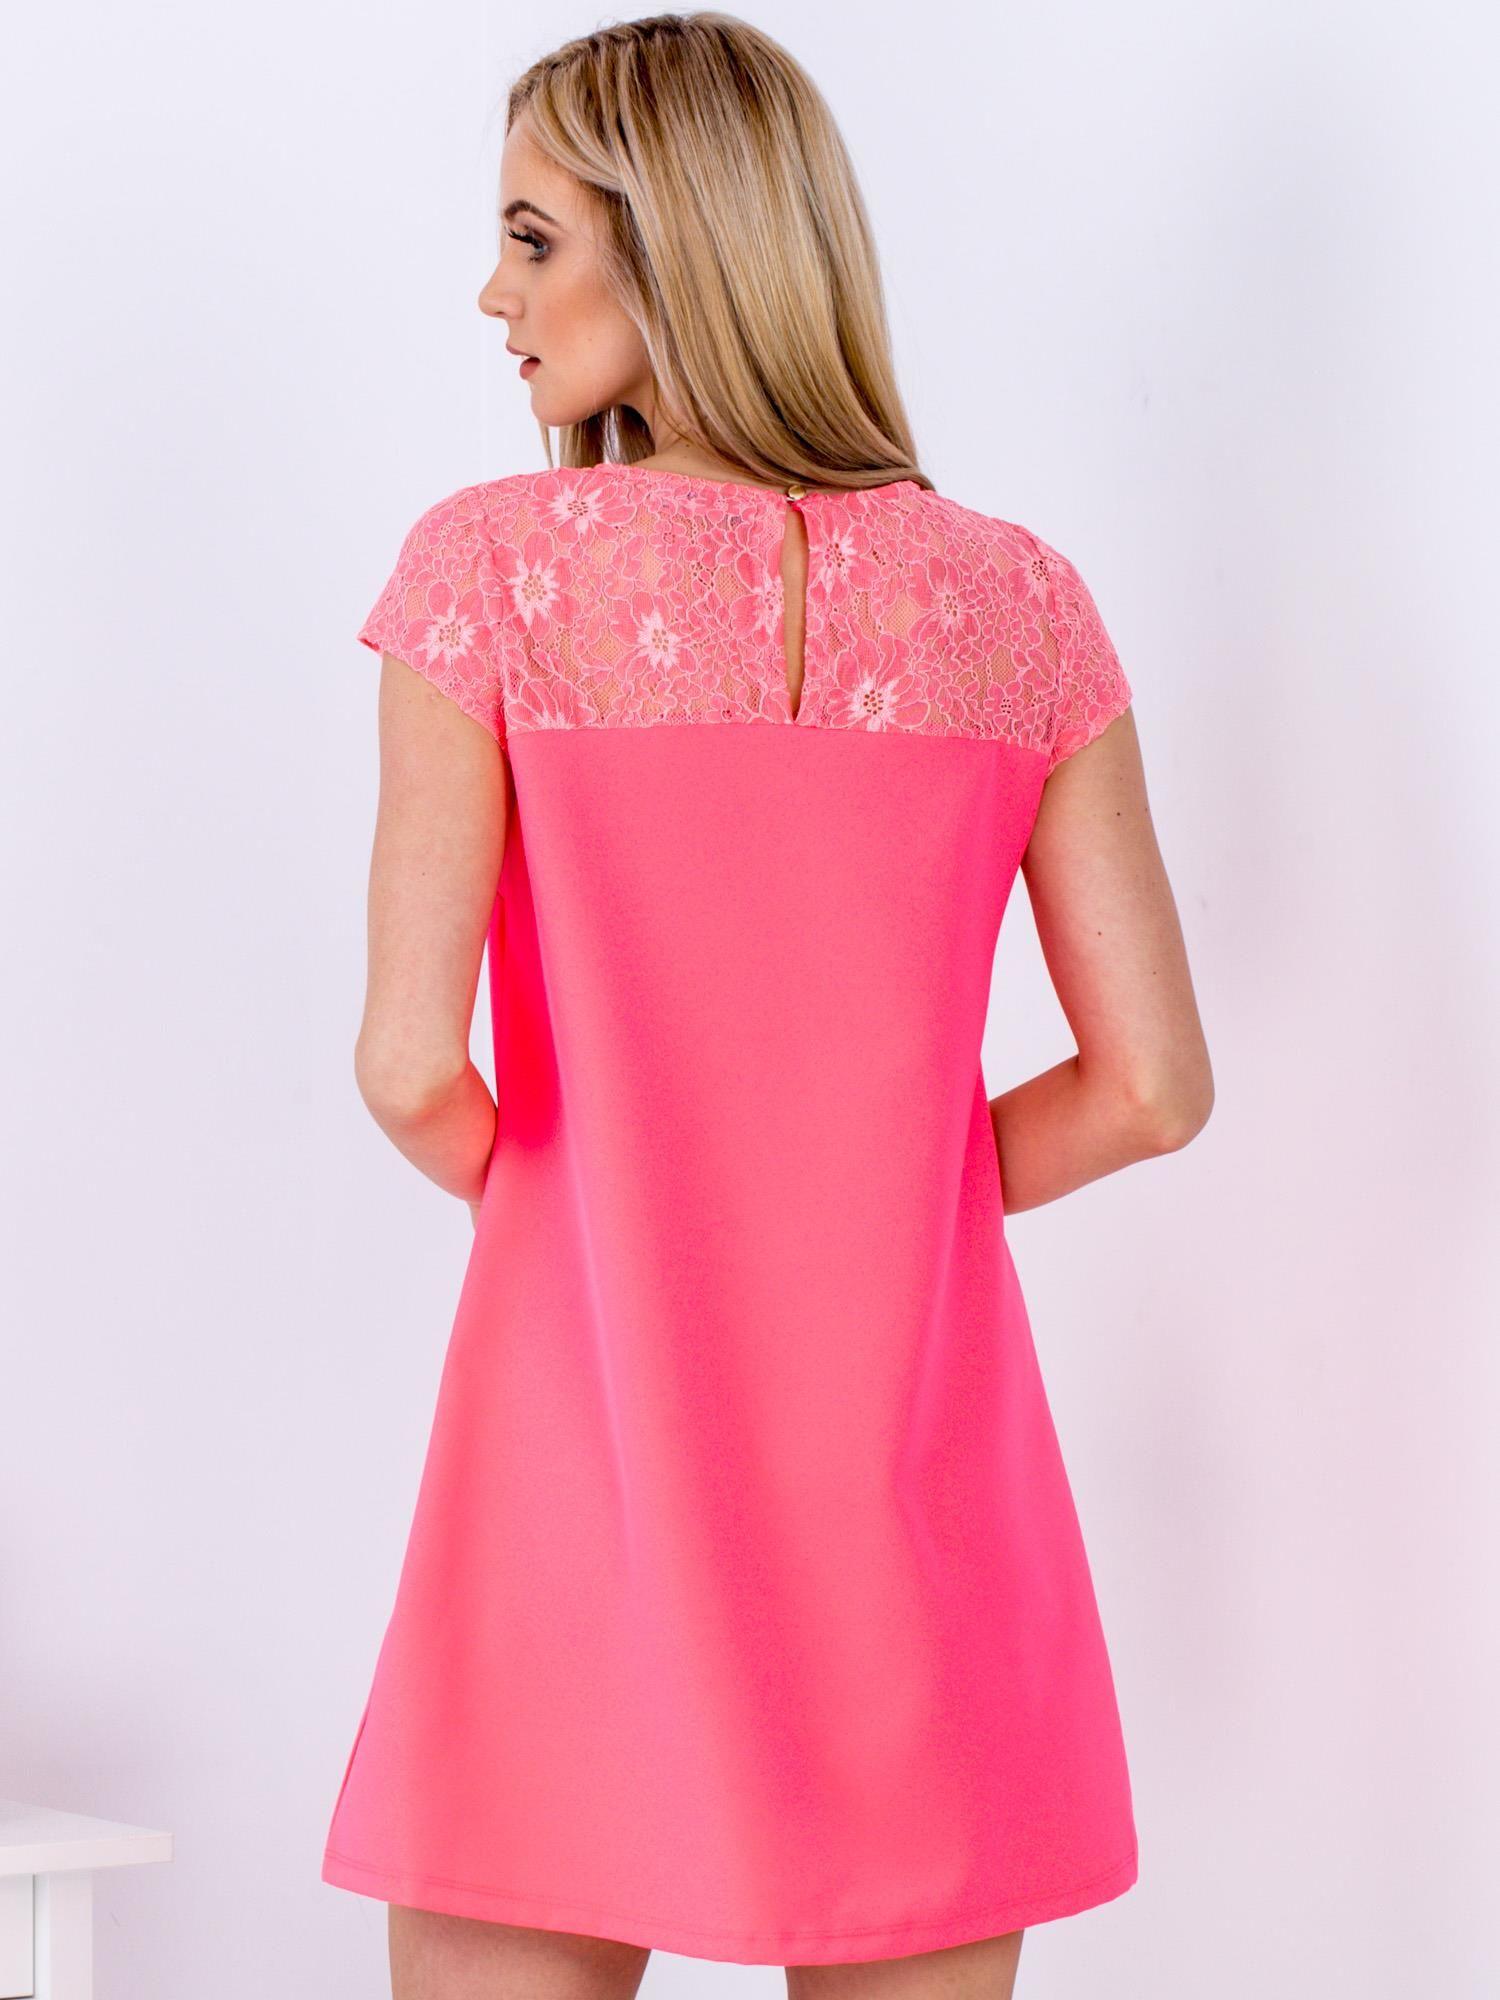 847328171e Fluo różowa trapezowa sukienka z koronkową górą - Sukienka koktajlowa -  sklep eButik.pl